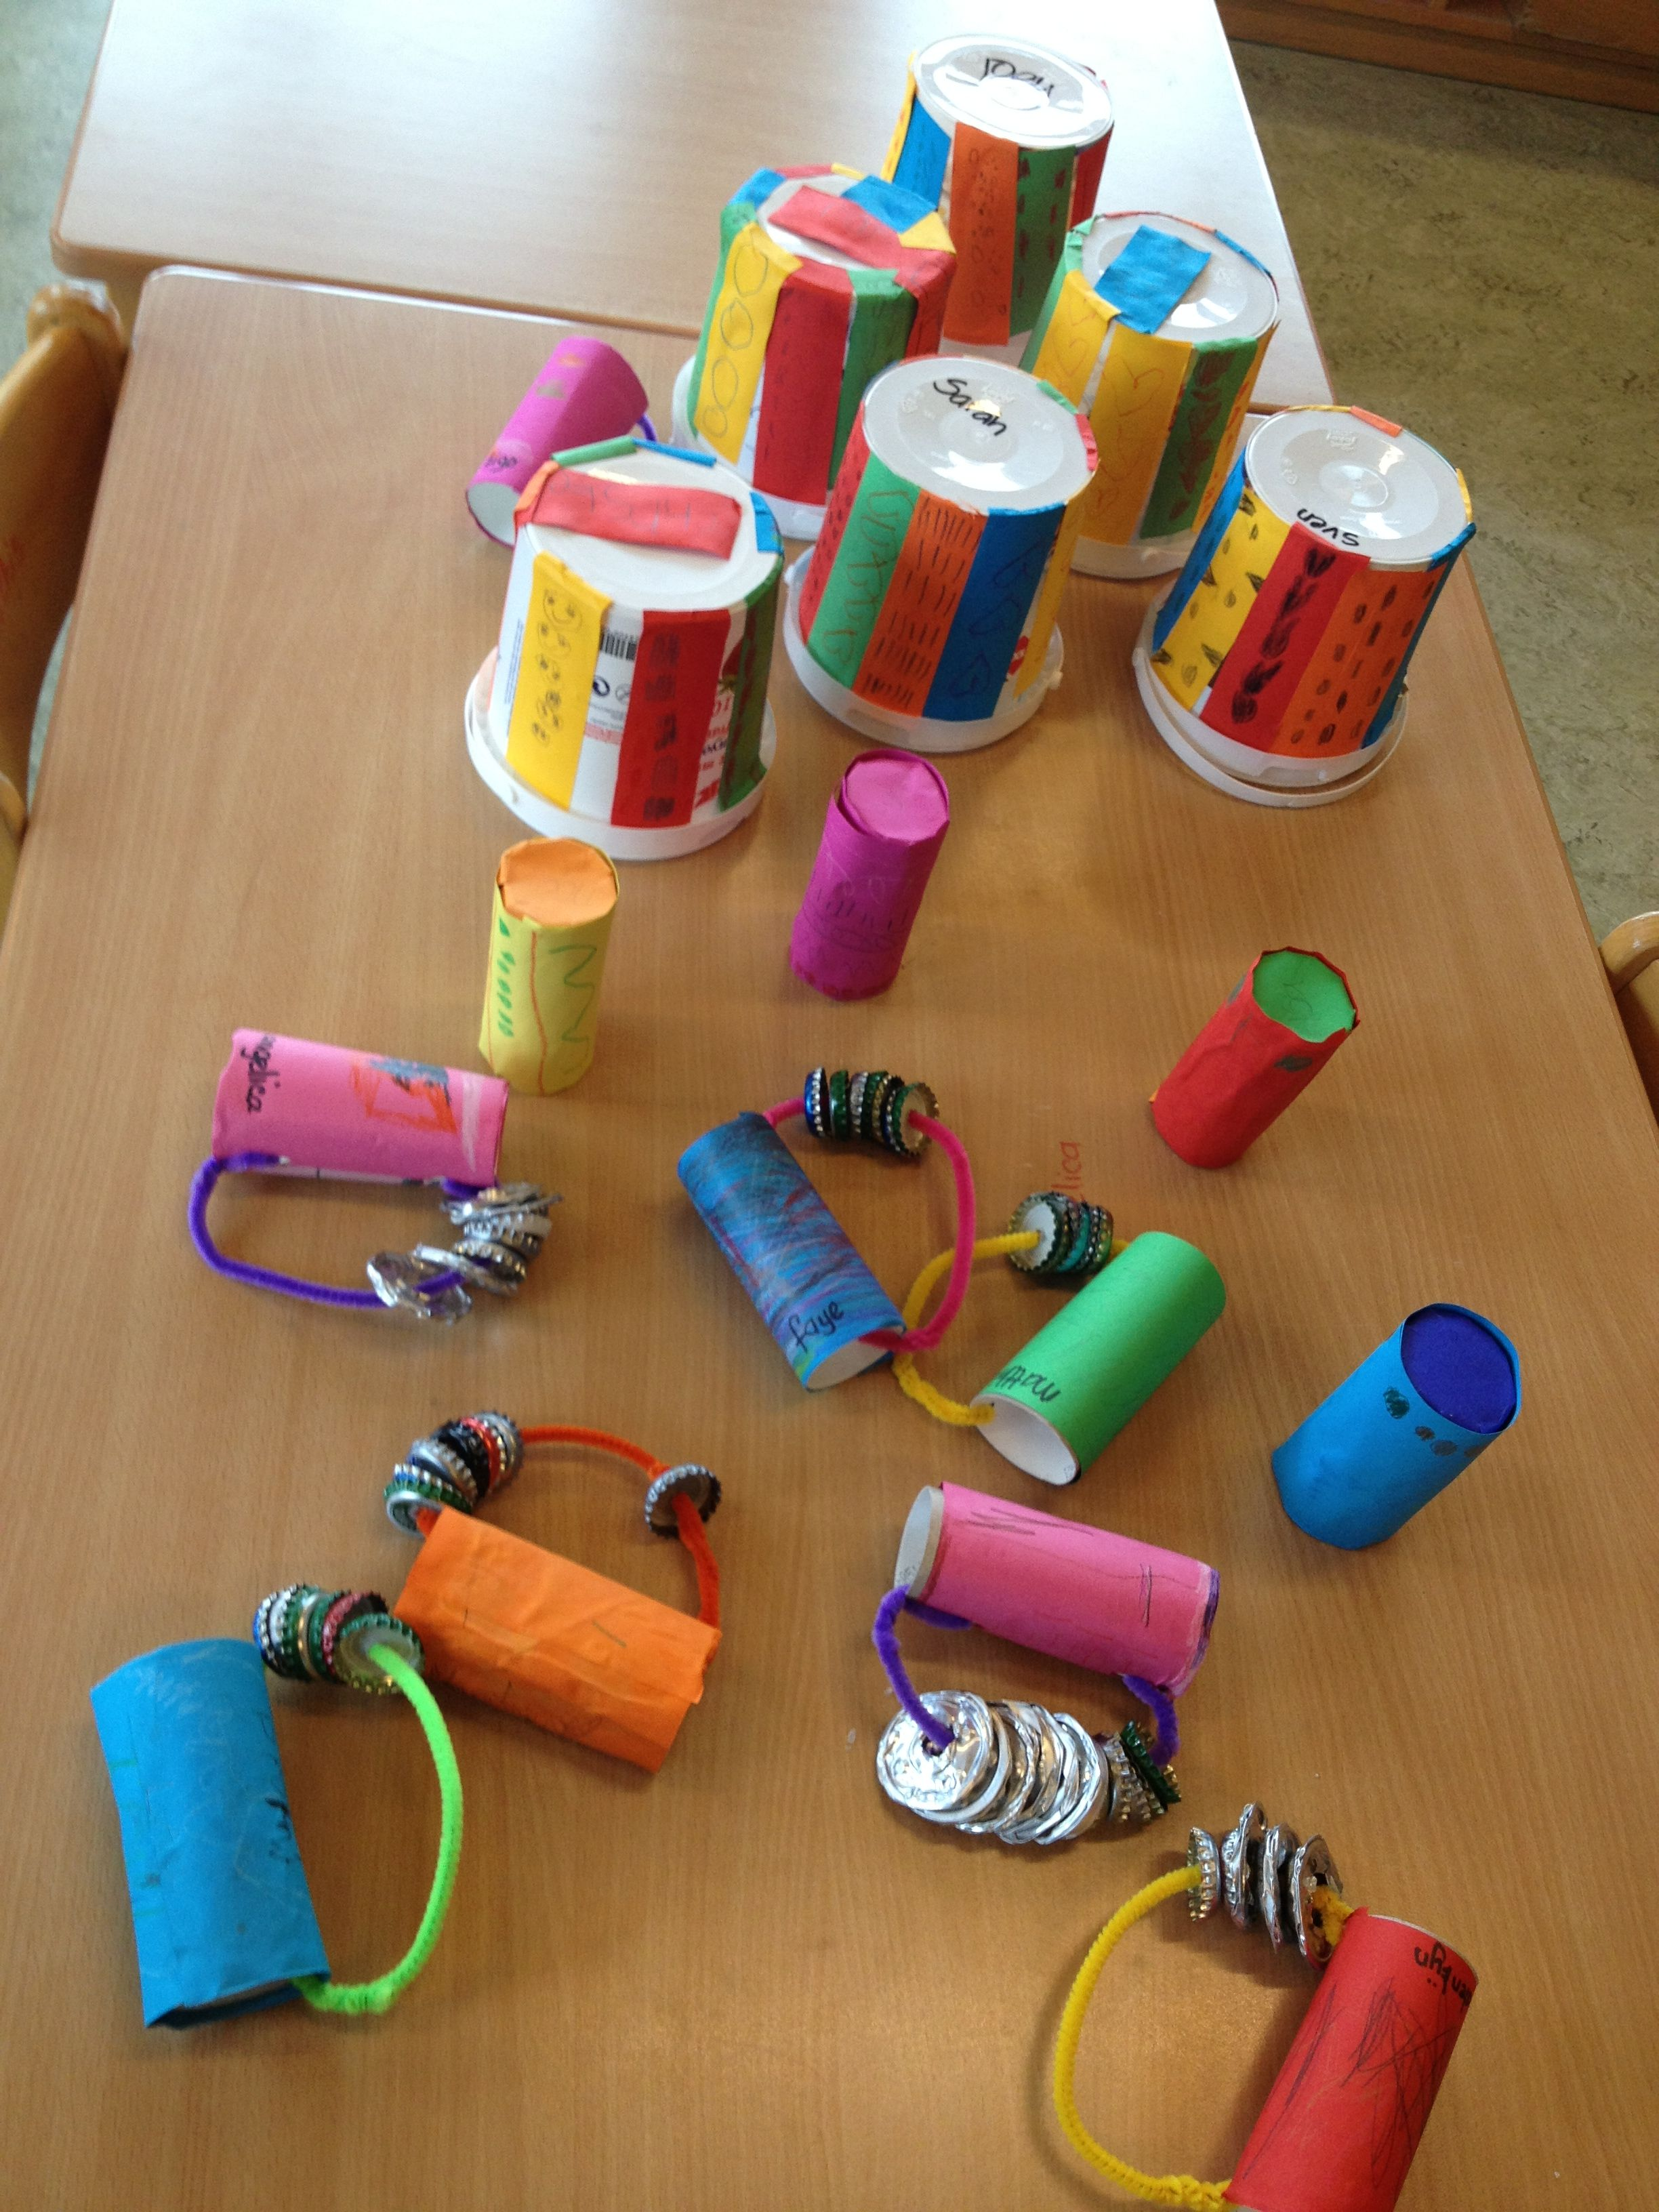 Instrumentos musicales con materiales de reciclaje #creatividad | Instrumentos  musicales caseros, Instrumentos musicales para niños, Manualidades